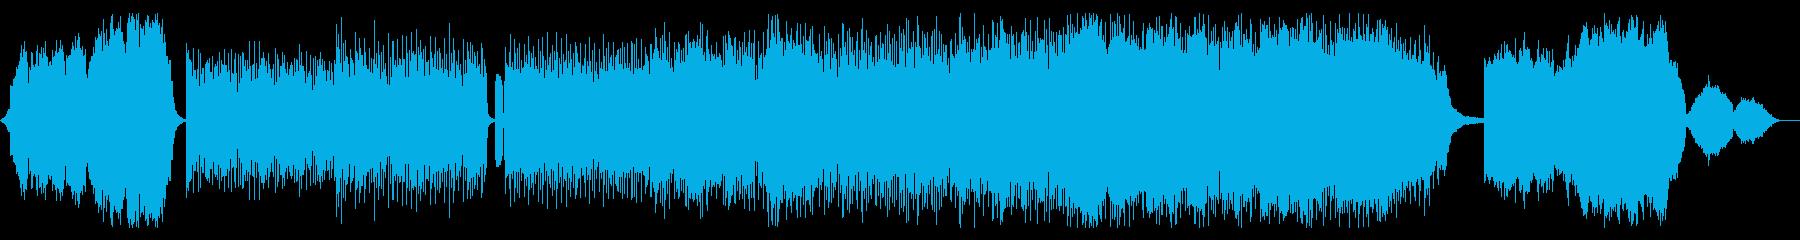 PV向けの4つ打ちインストポップの再生済みの波形